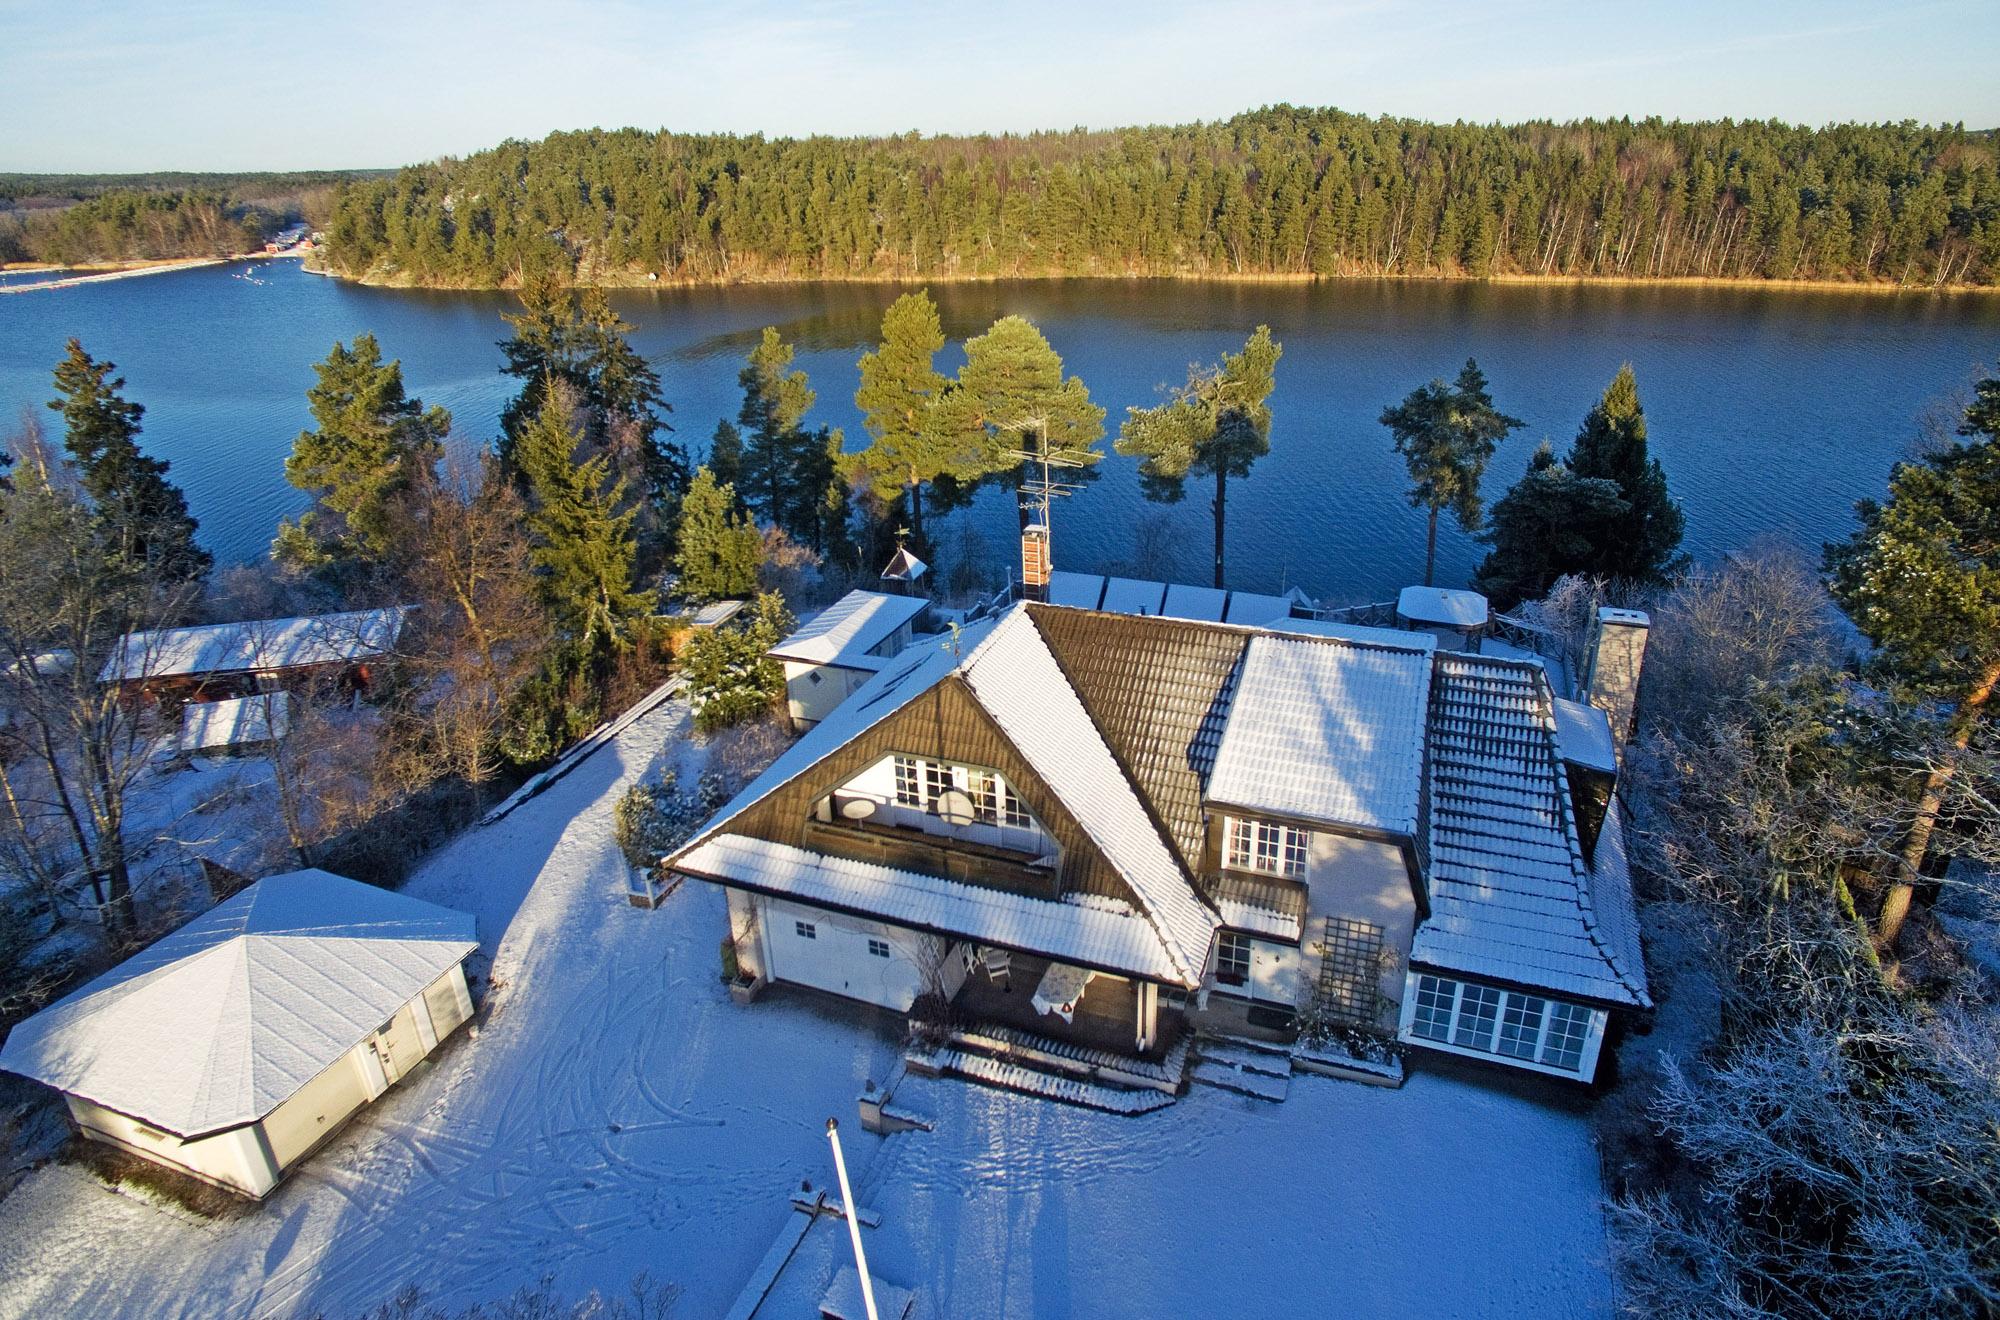 단독 가정 주택 용 매매 에 Beautifully seaside location, yet near the city Karlsuddsvägen 49 Vaxholm, Stockholm, 18593 스웨덴